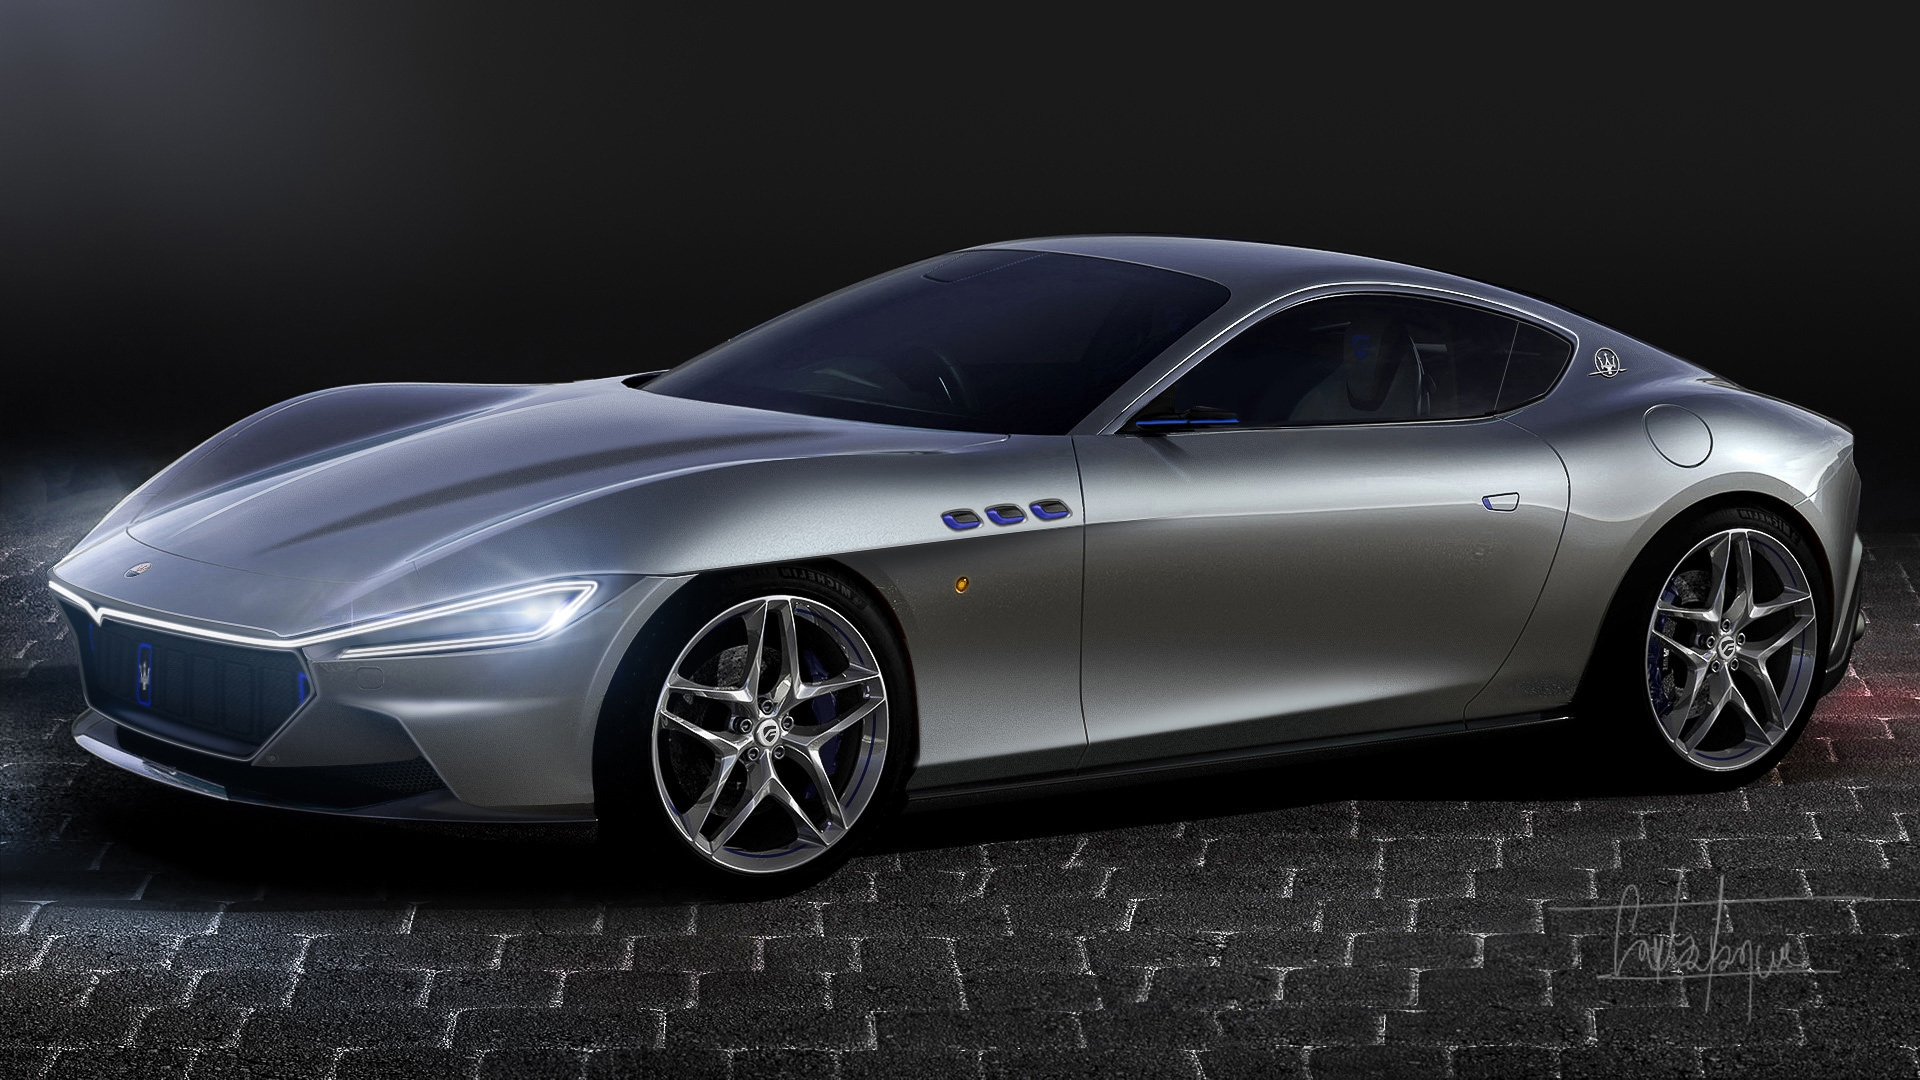 Nuova Maserati GranTurismo Ferrari Roma